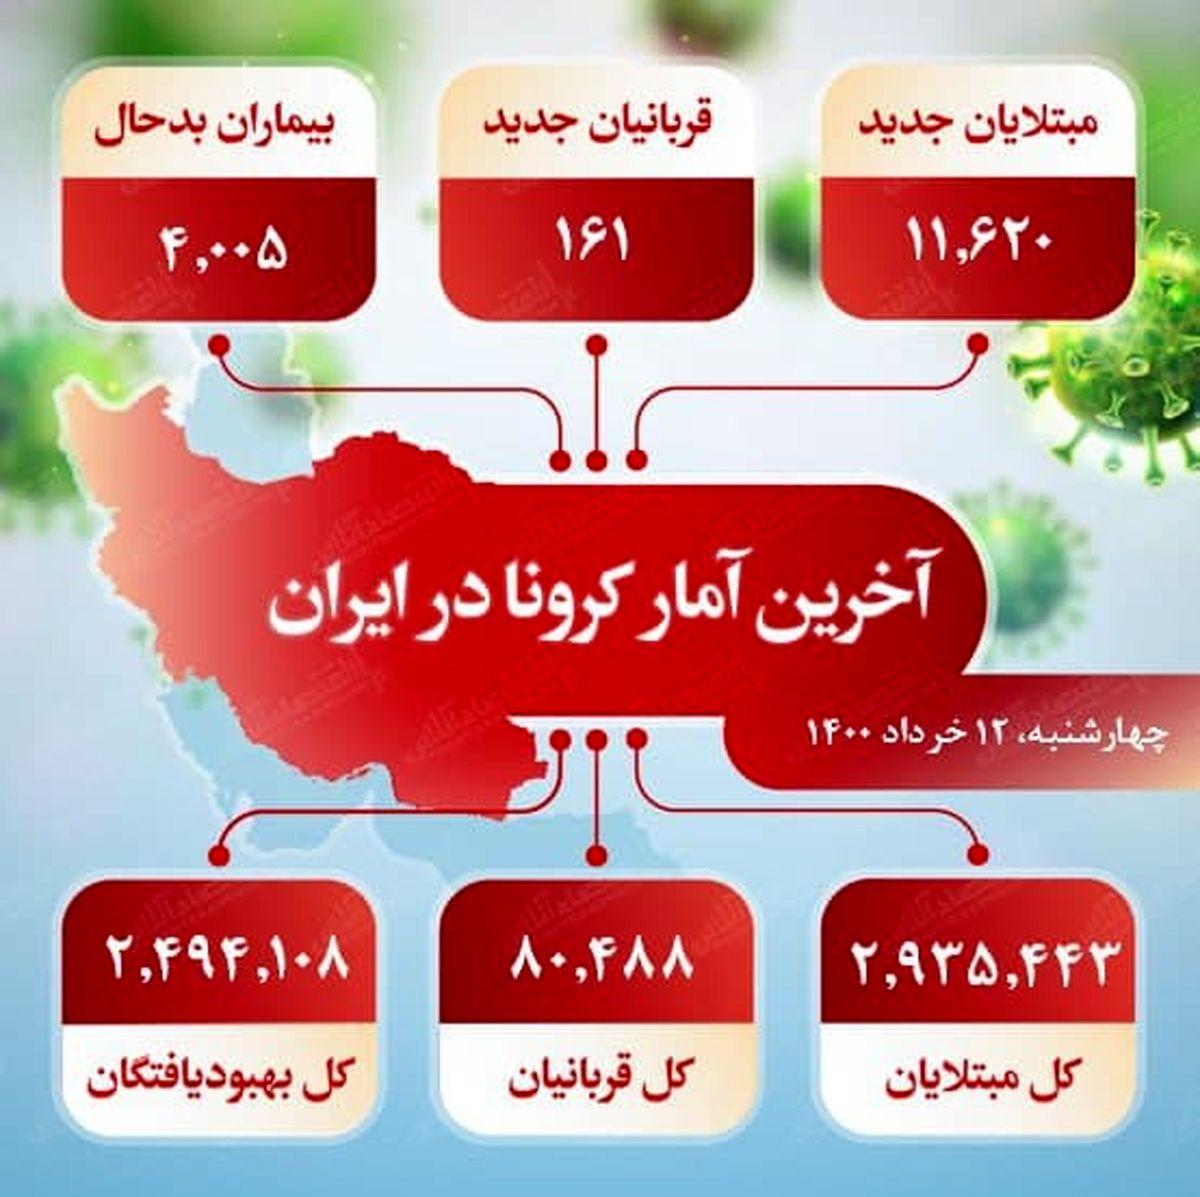 آخرین آمار کرونا در ایران (۱۴۰۰/۳/۱۲)